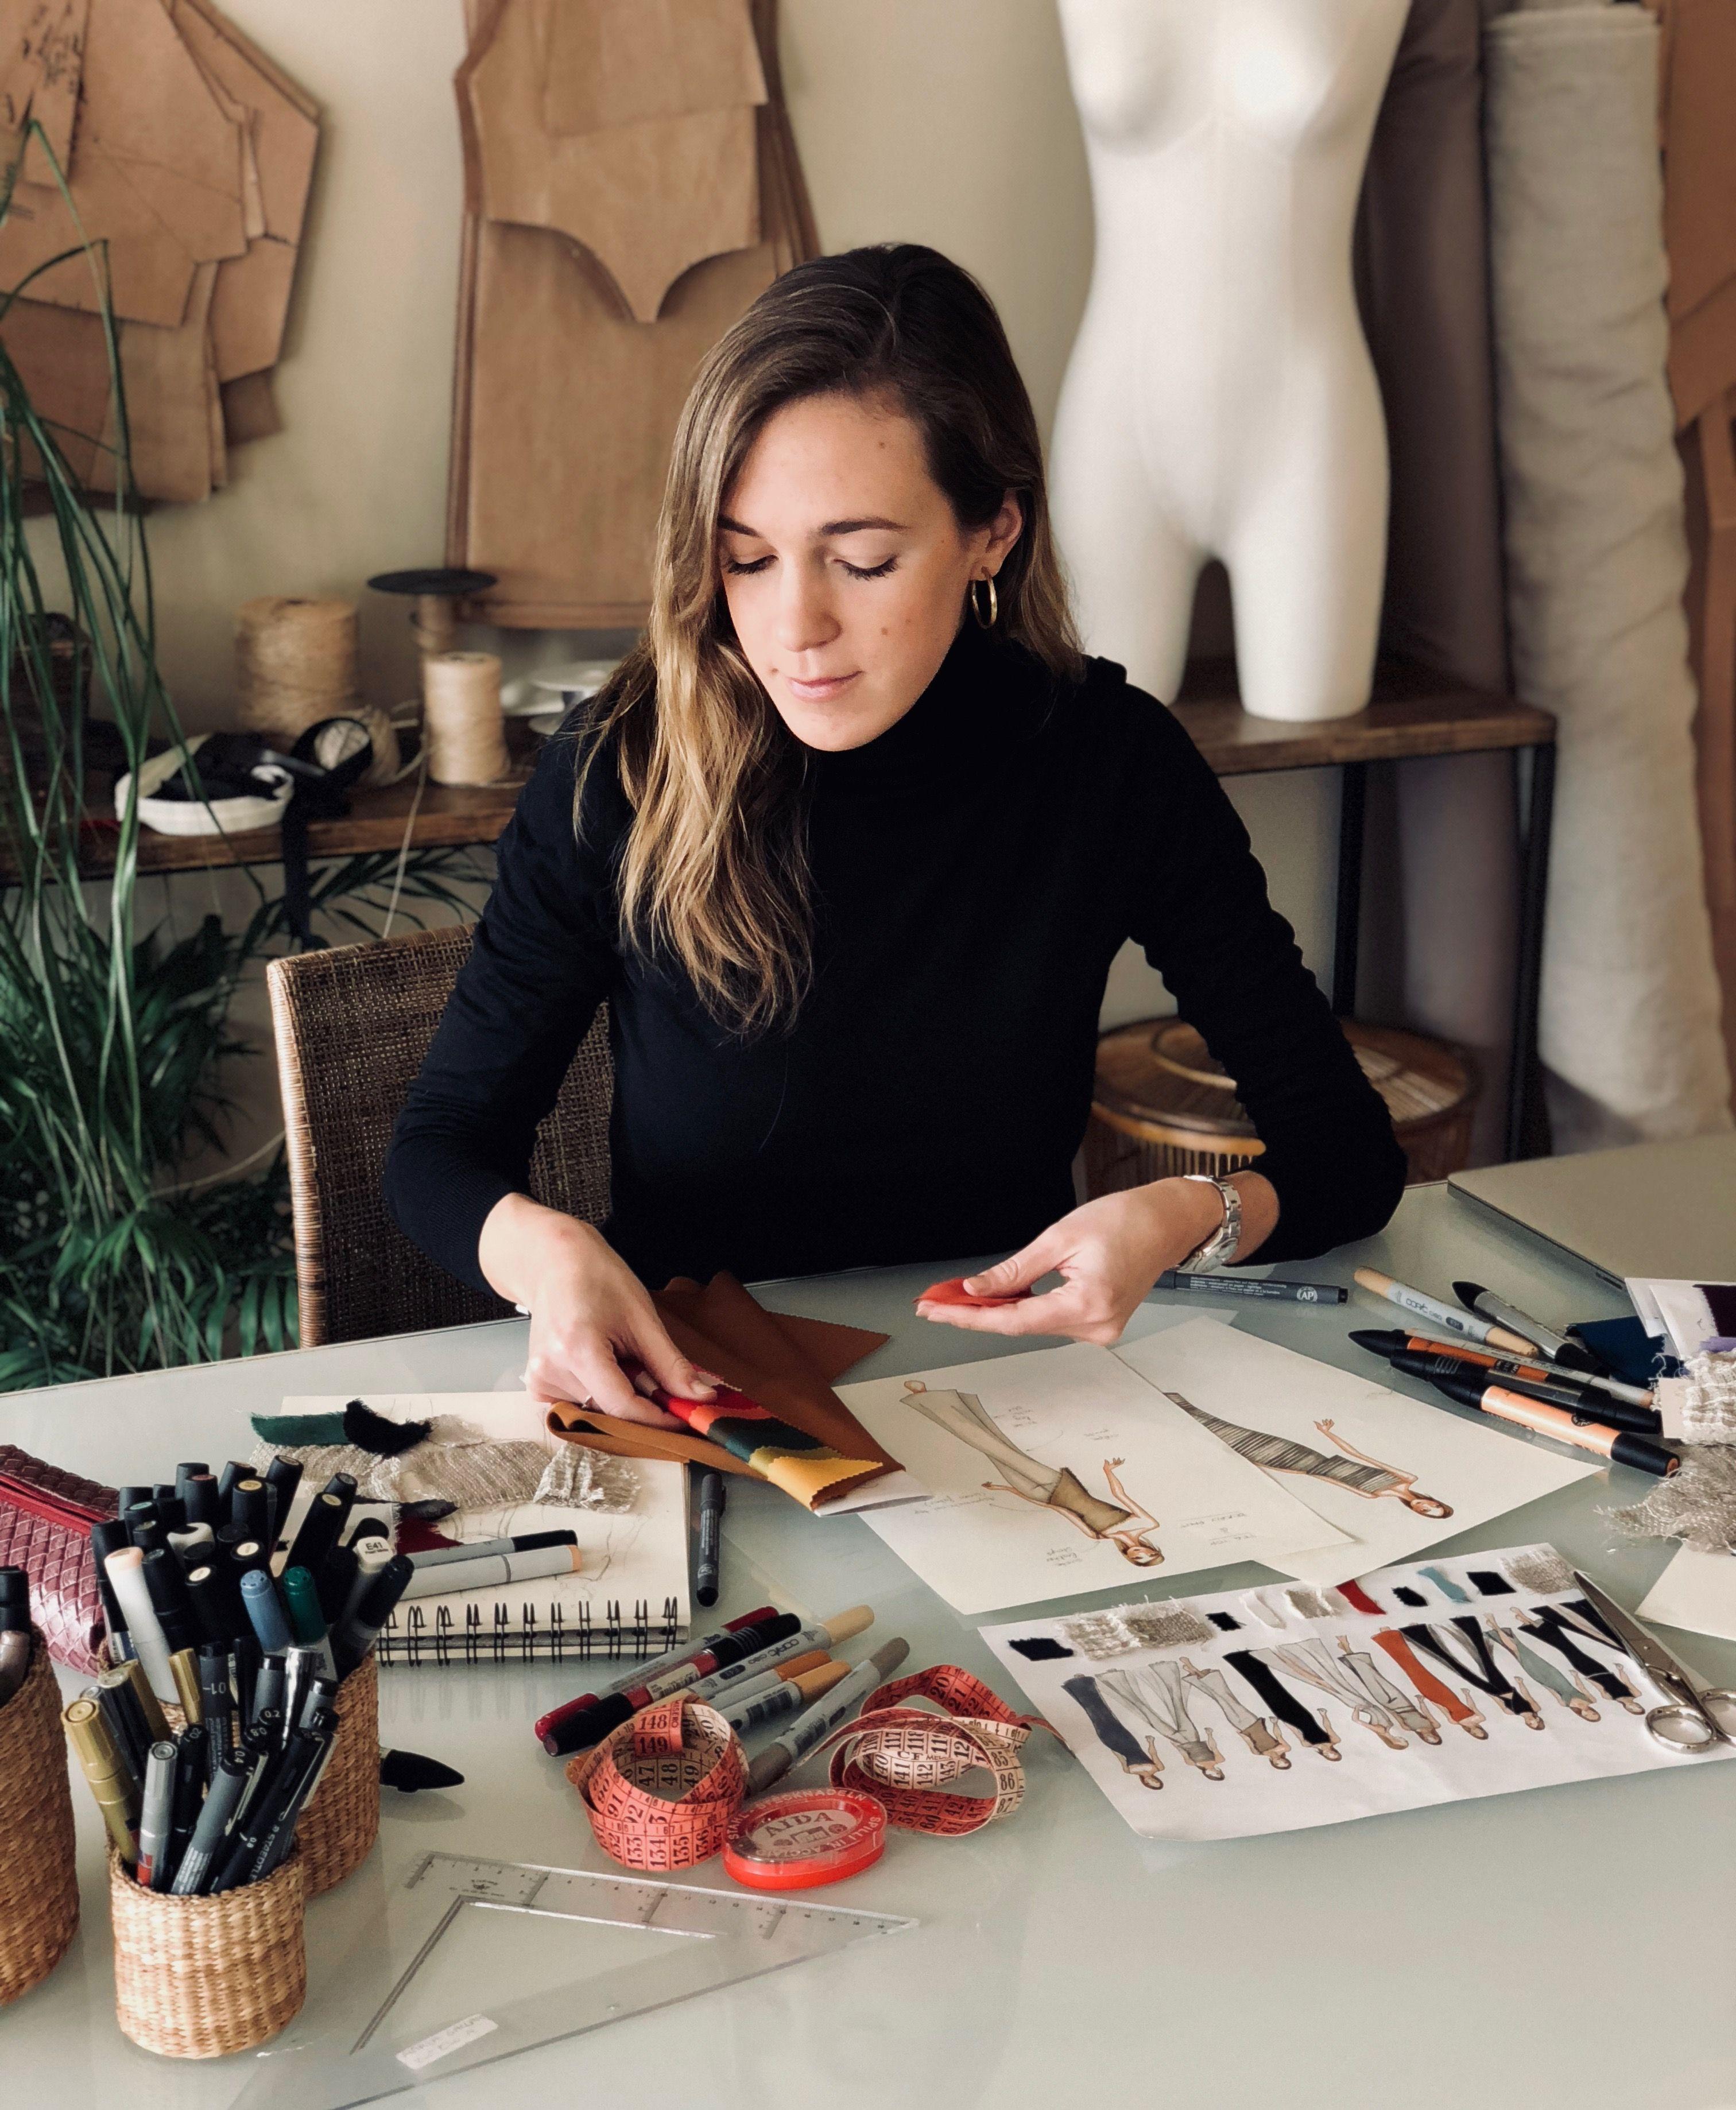 diseñadora-de-moda-About me